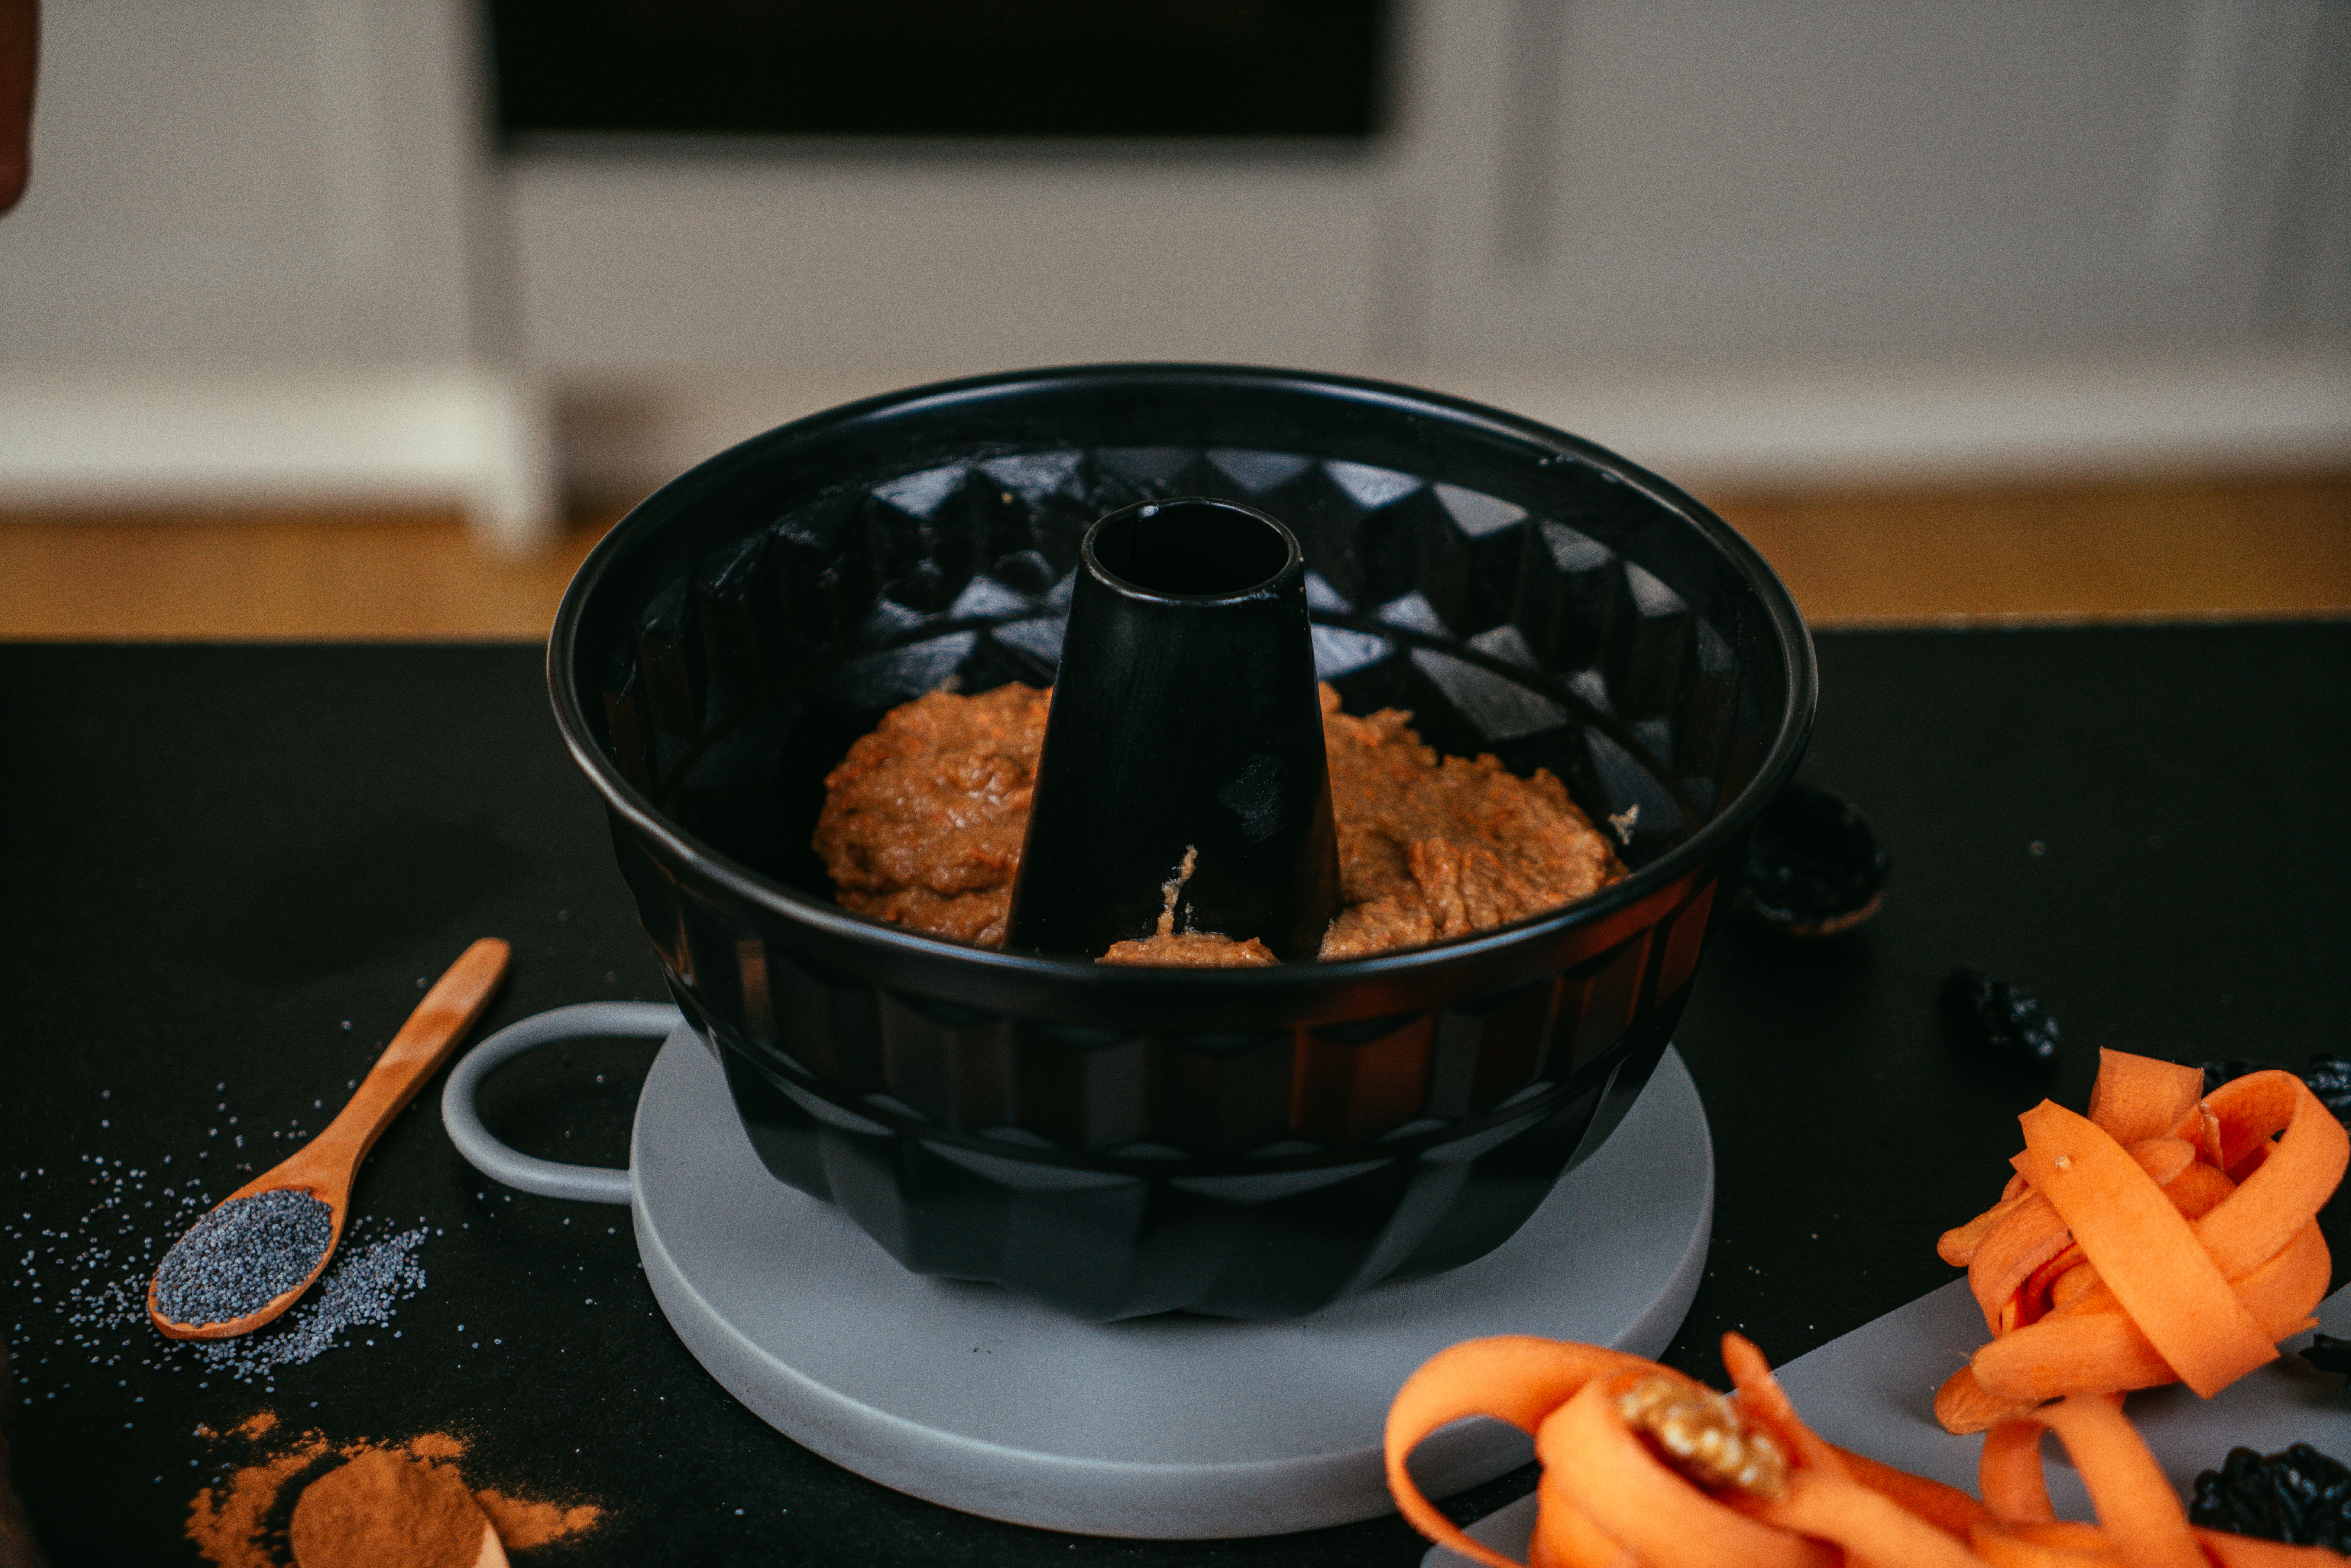 bizcocho con zanahorias adornado de glaseado real y semillas de chia, ideas de recetas caseras originales y saludables